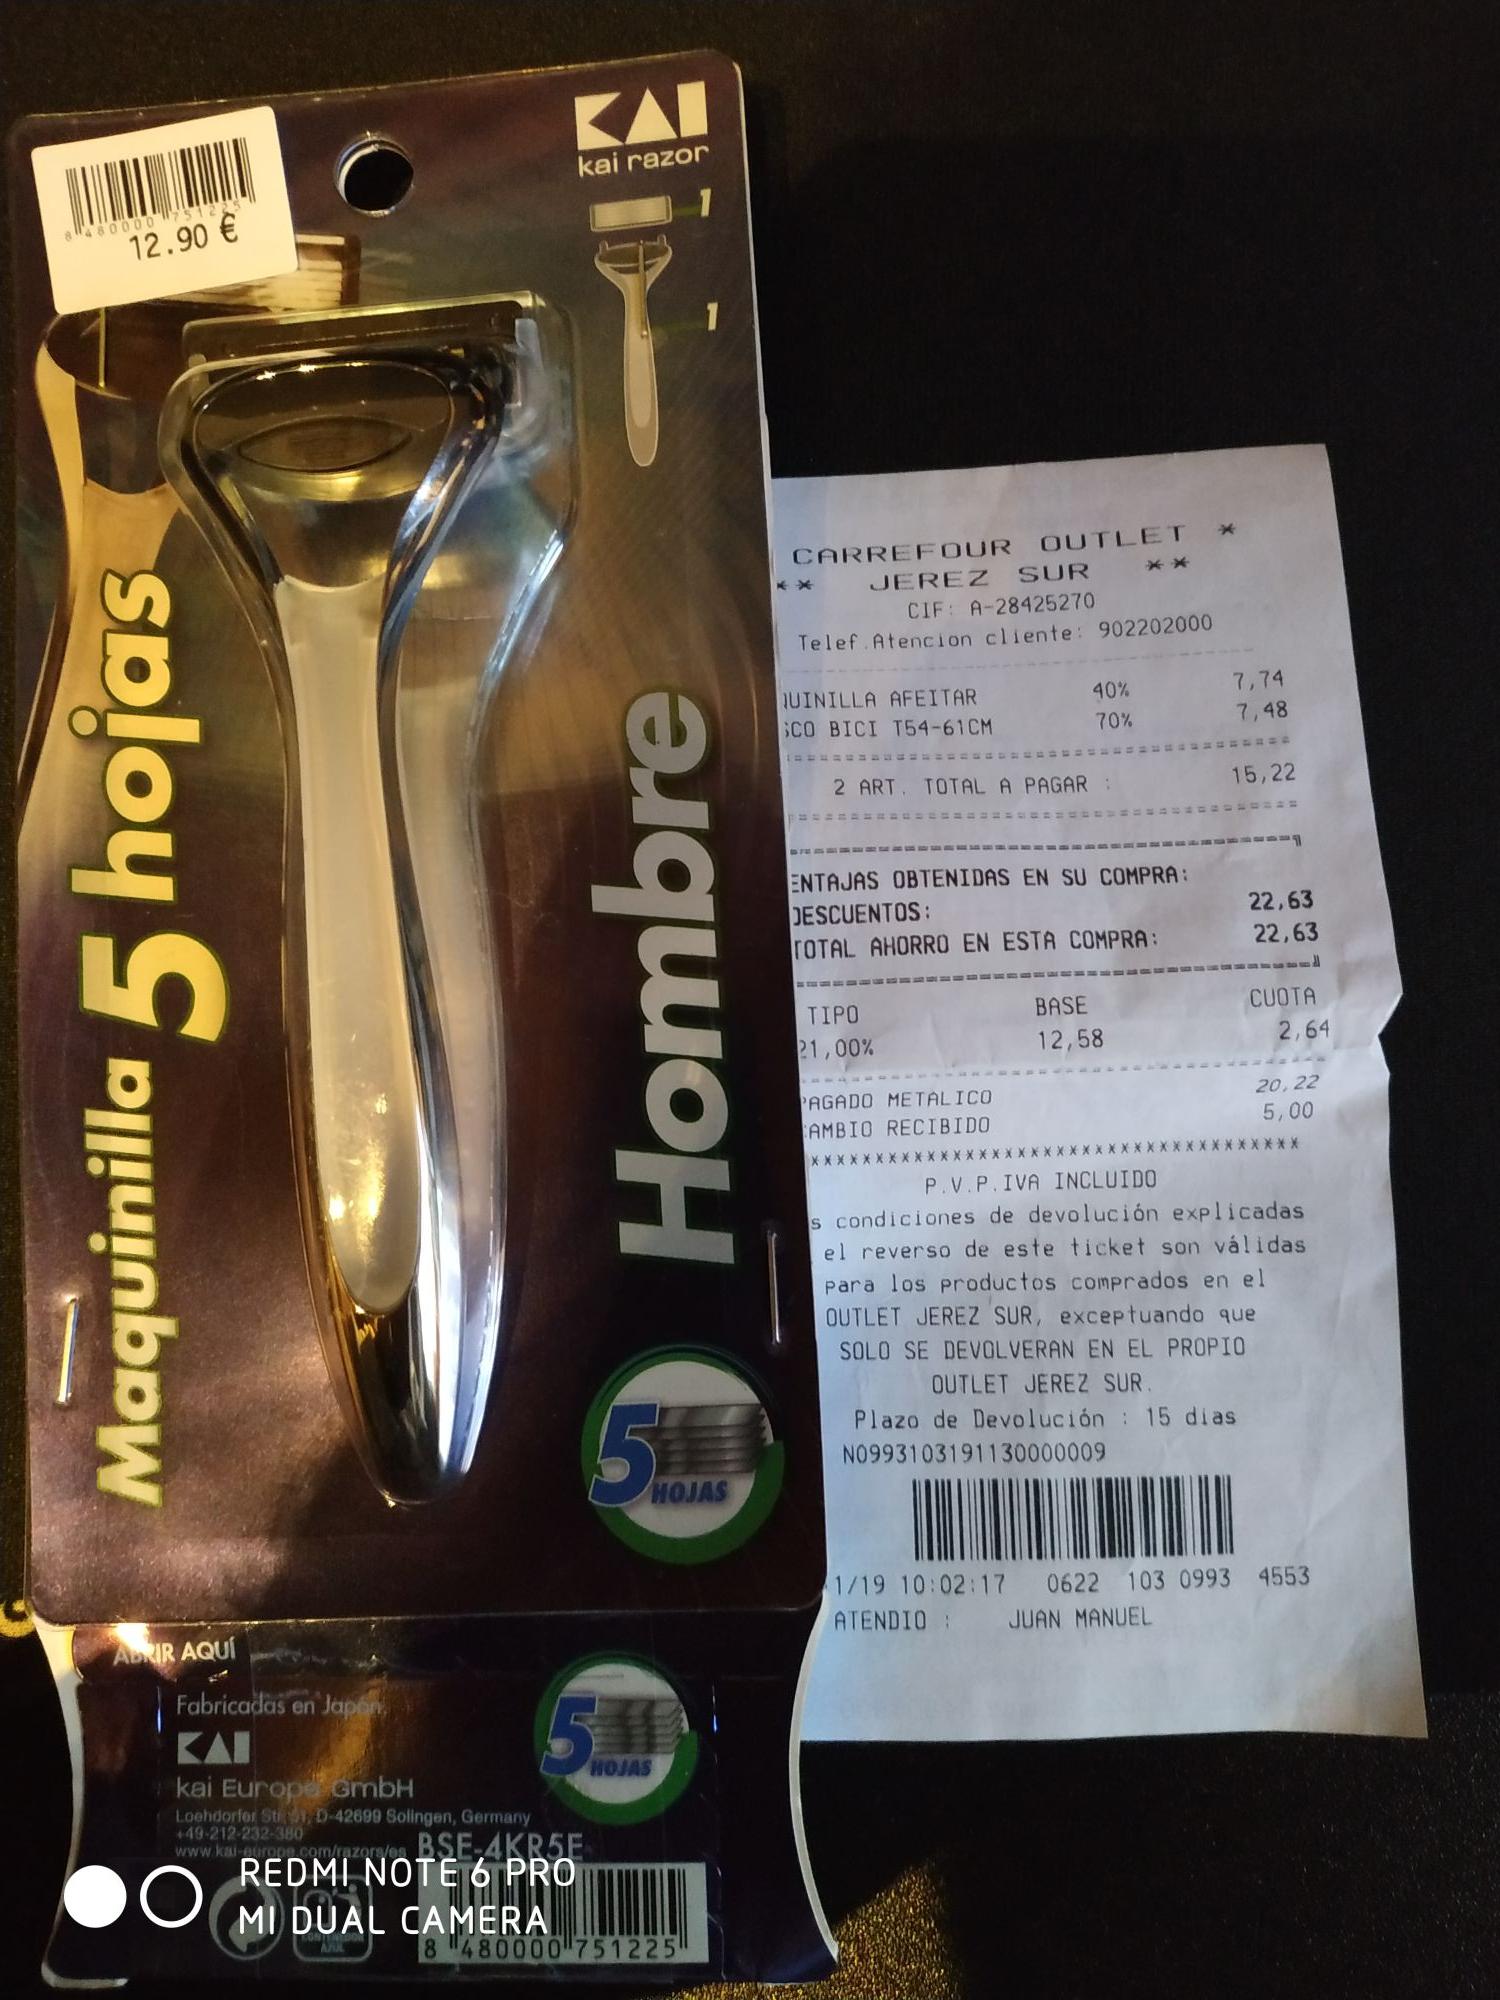 Maquina de afeitar Kai razor + 16 cuchillas